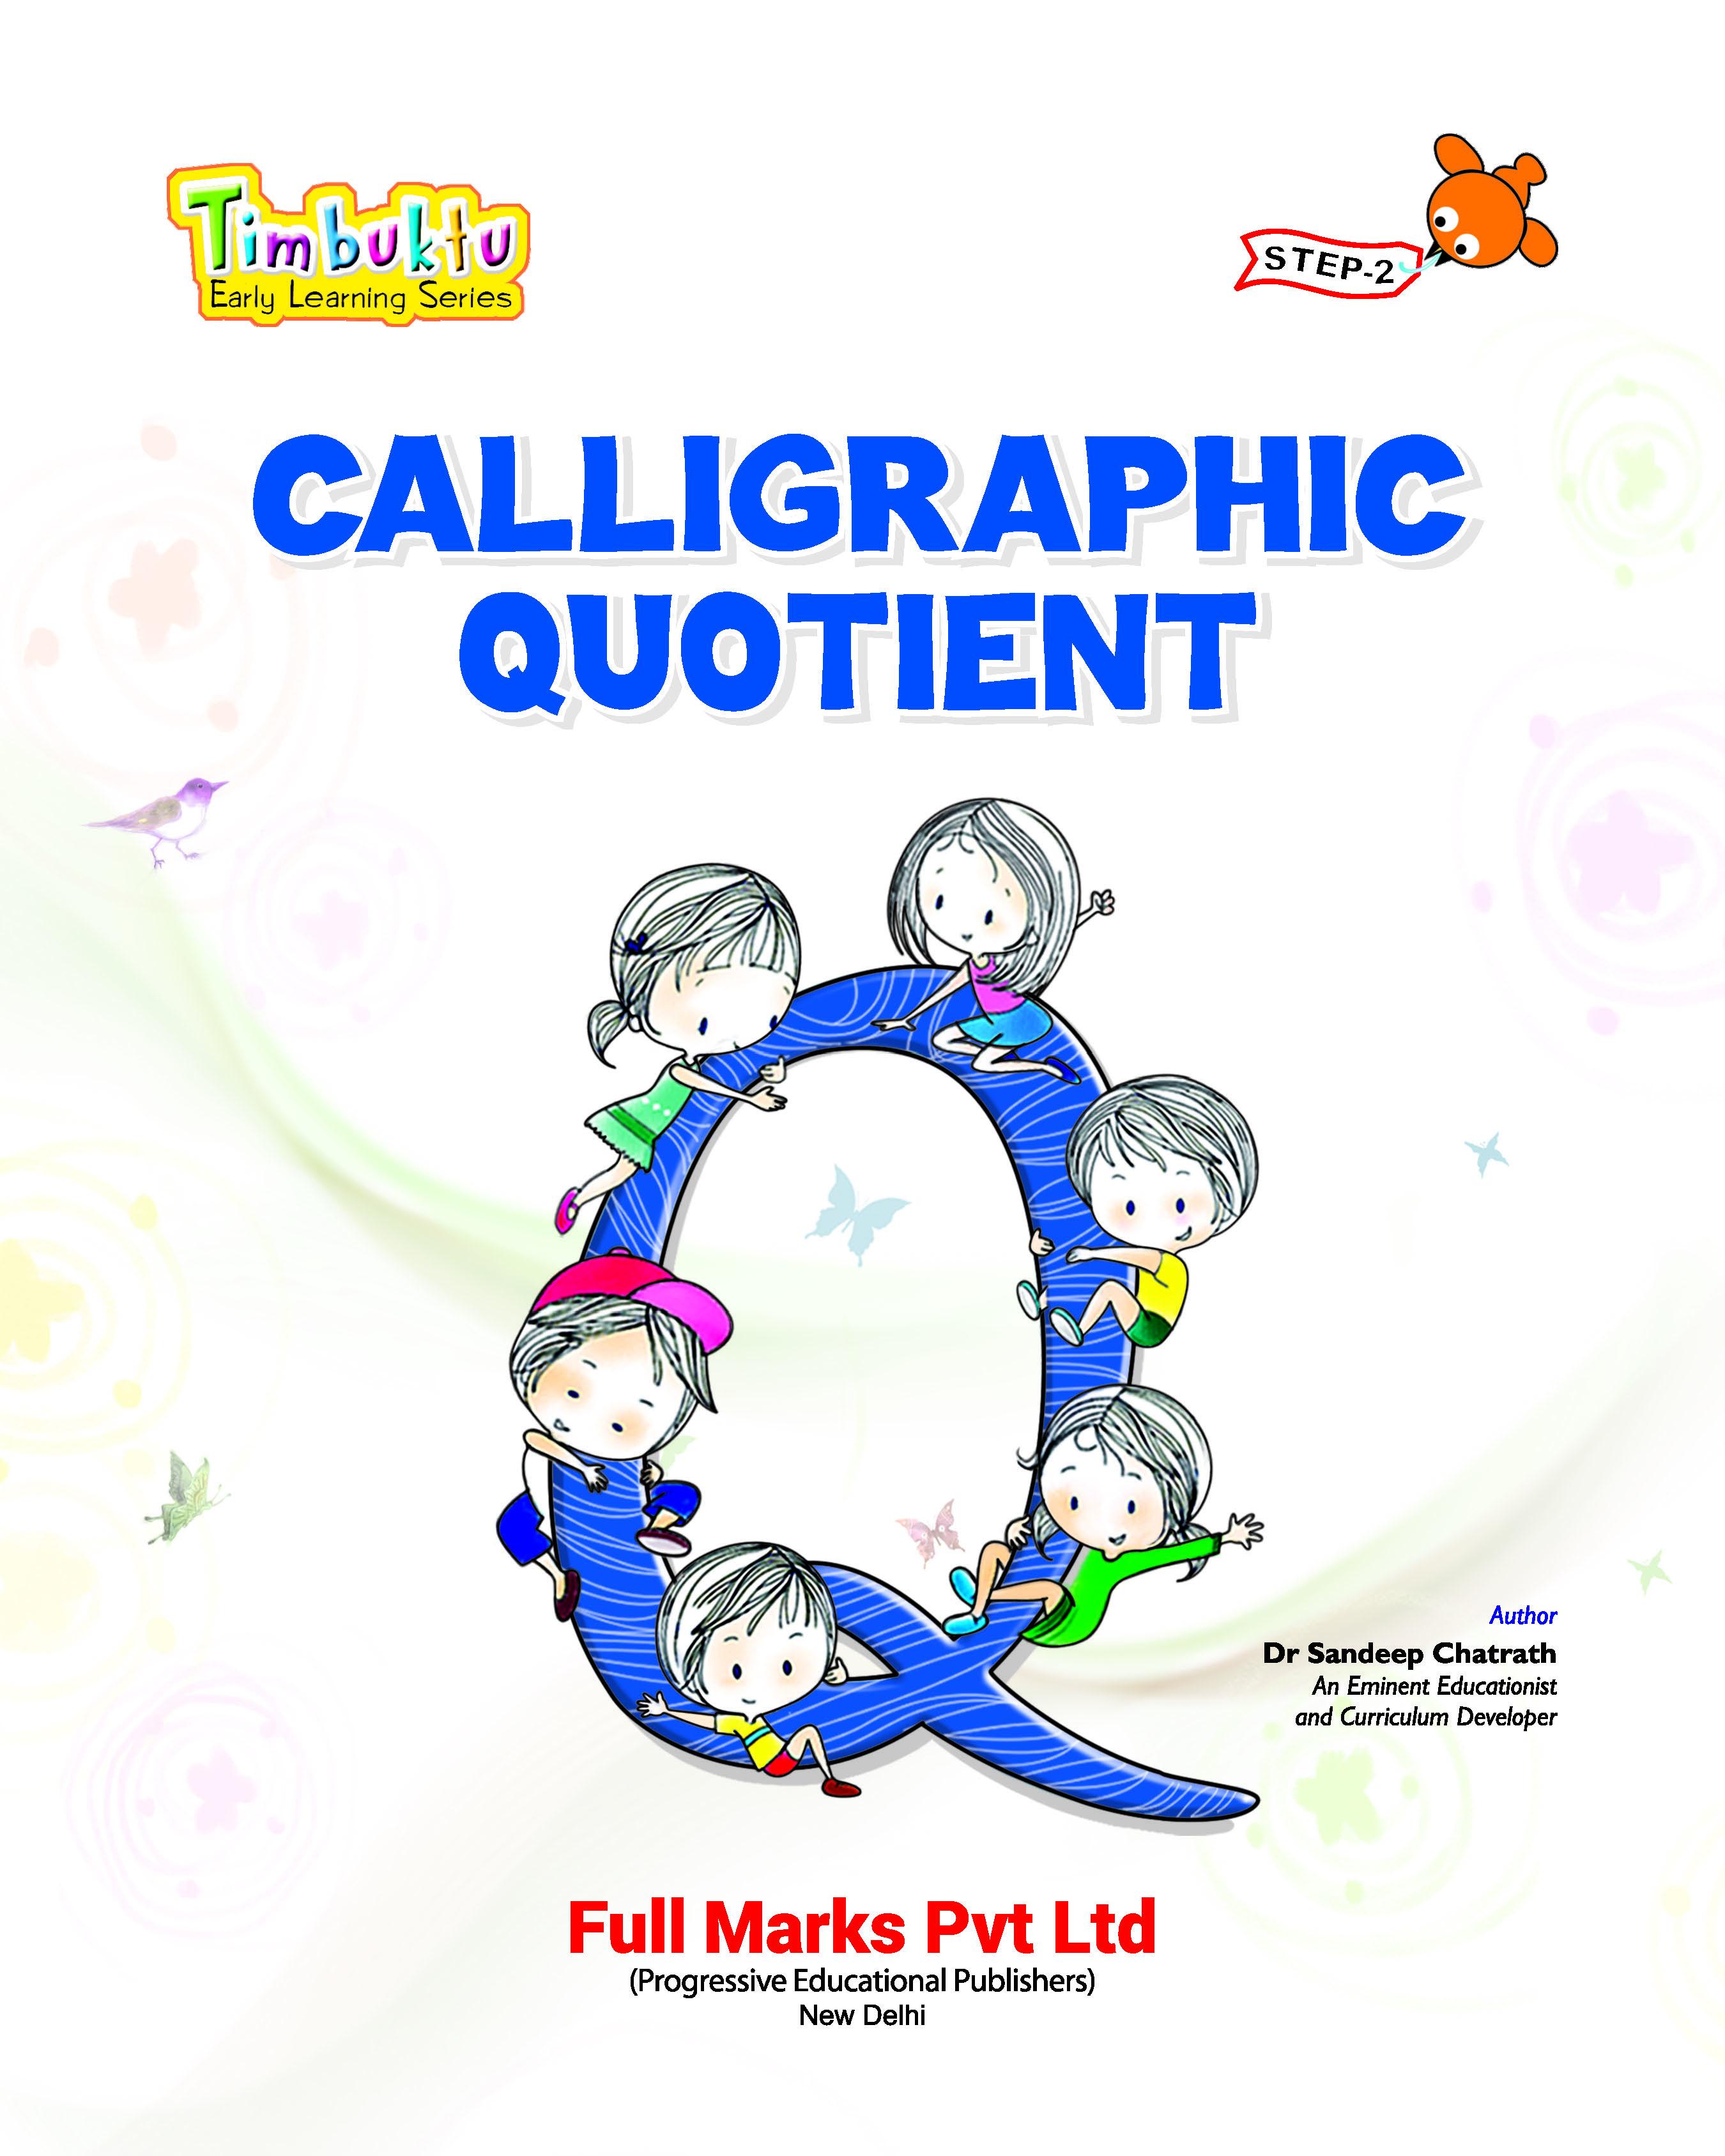 Calligraphic Quotient Step 2